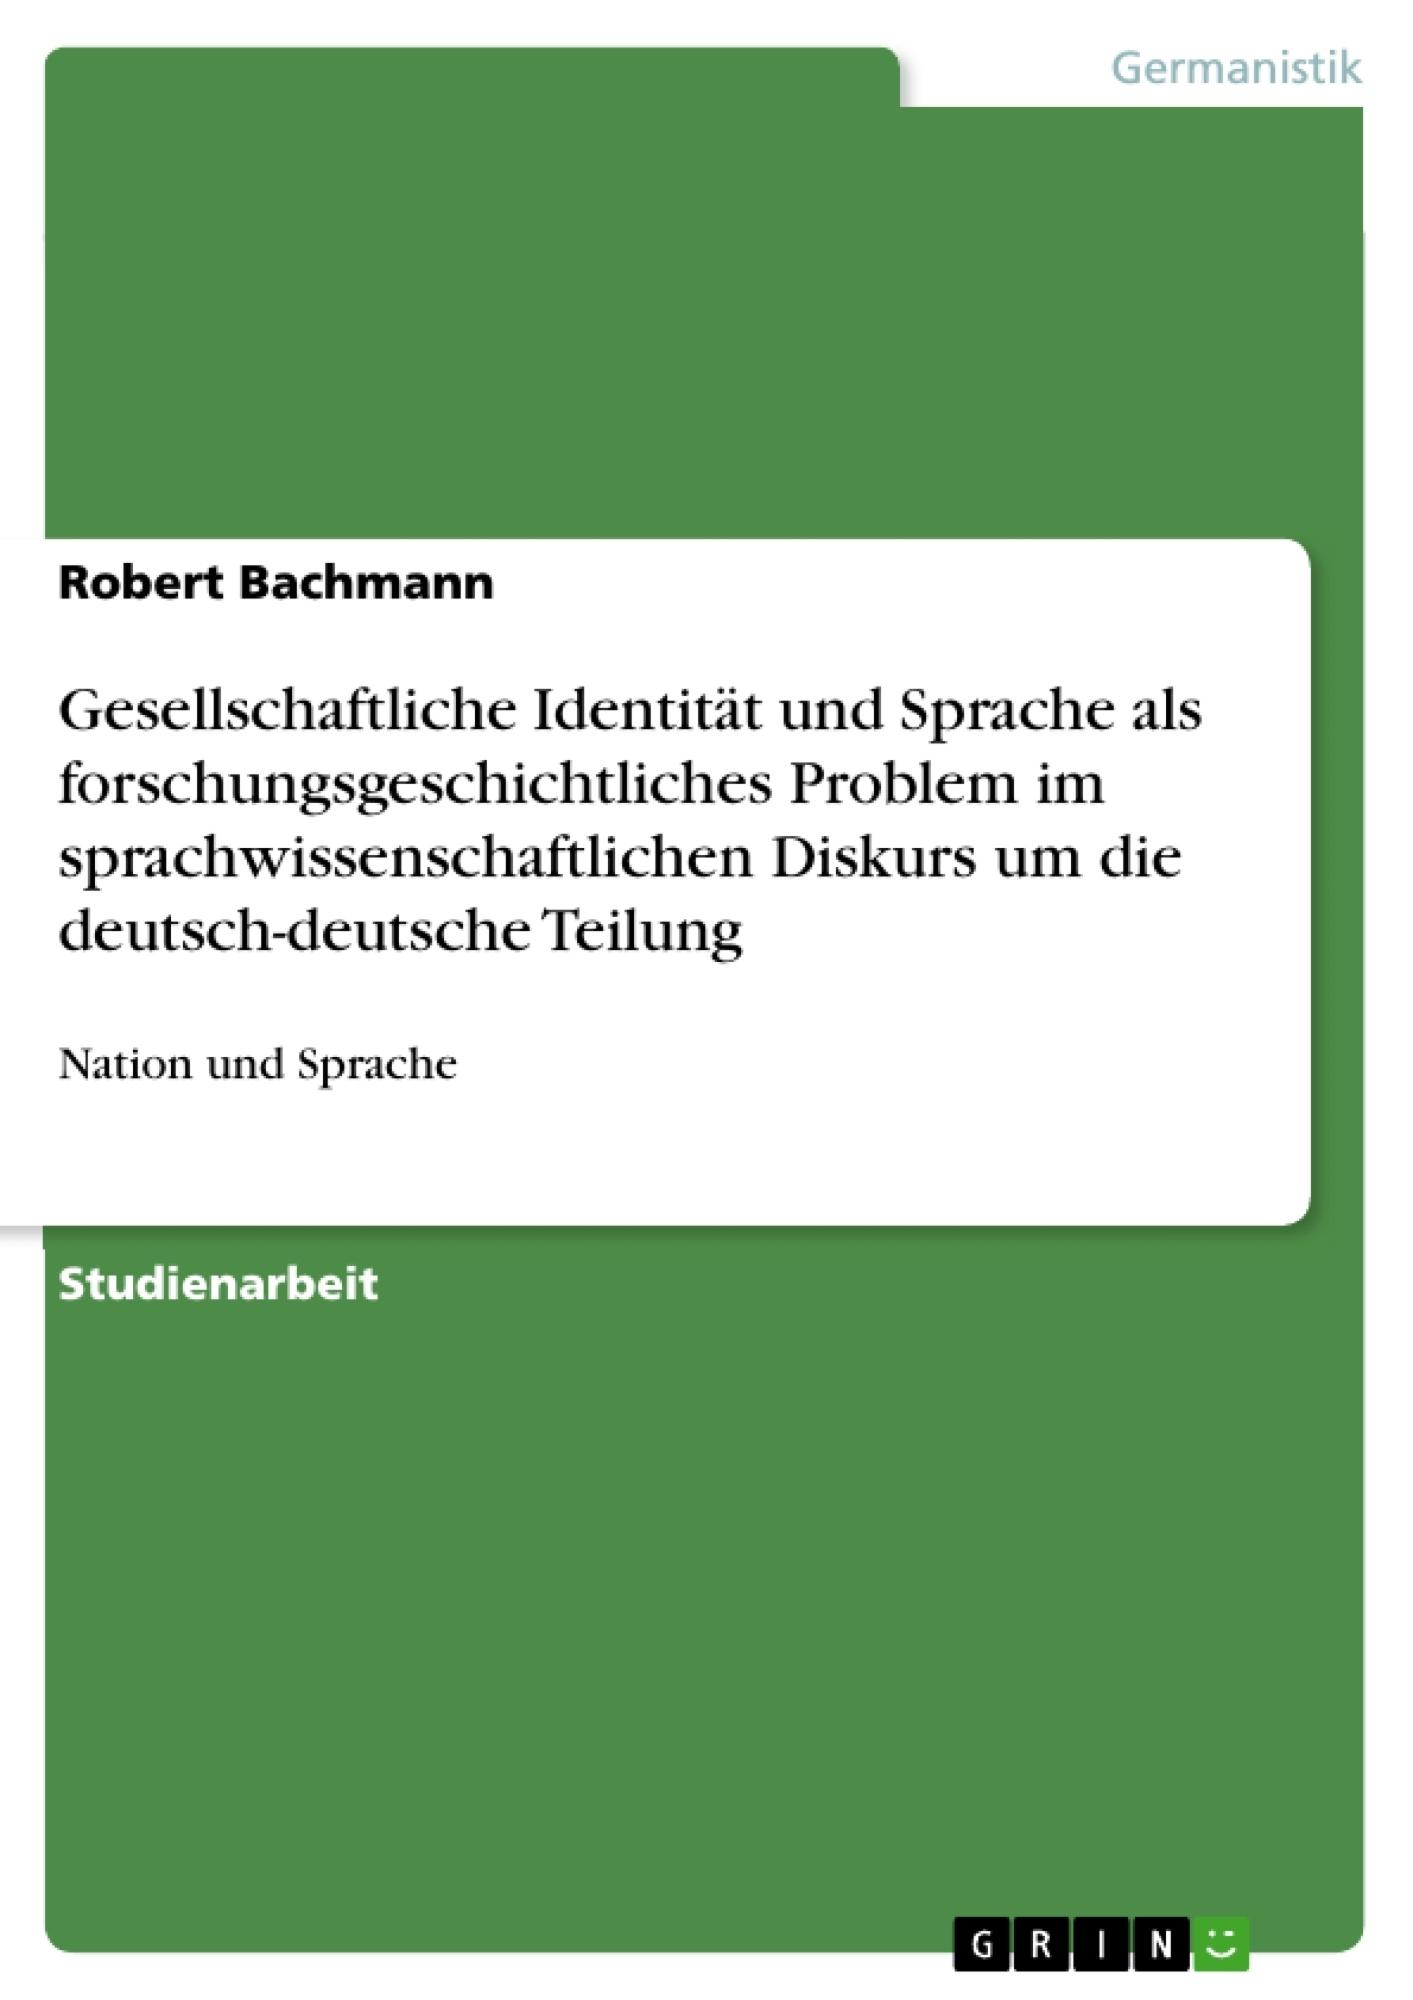 Titel: Gesellschaftliche Identität und Sprache als forschungsgeschichtliches Problem im sprachwissenschaftlichen Diskurs um die deutsch-deutsche Teilung